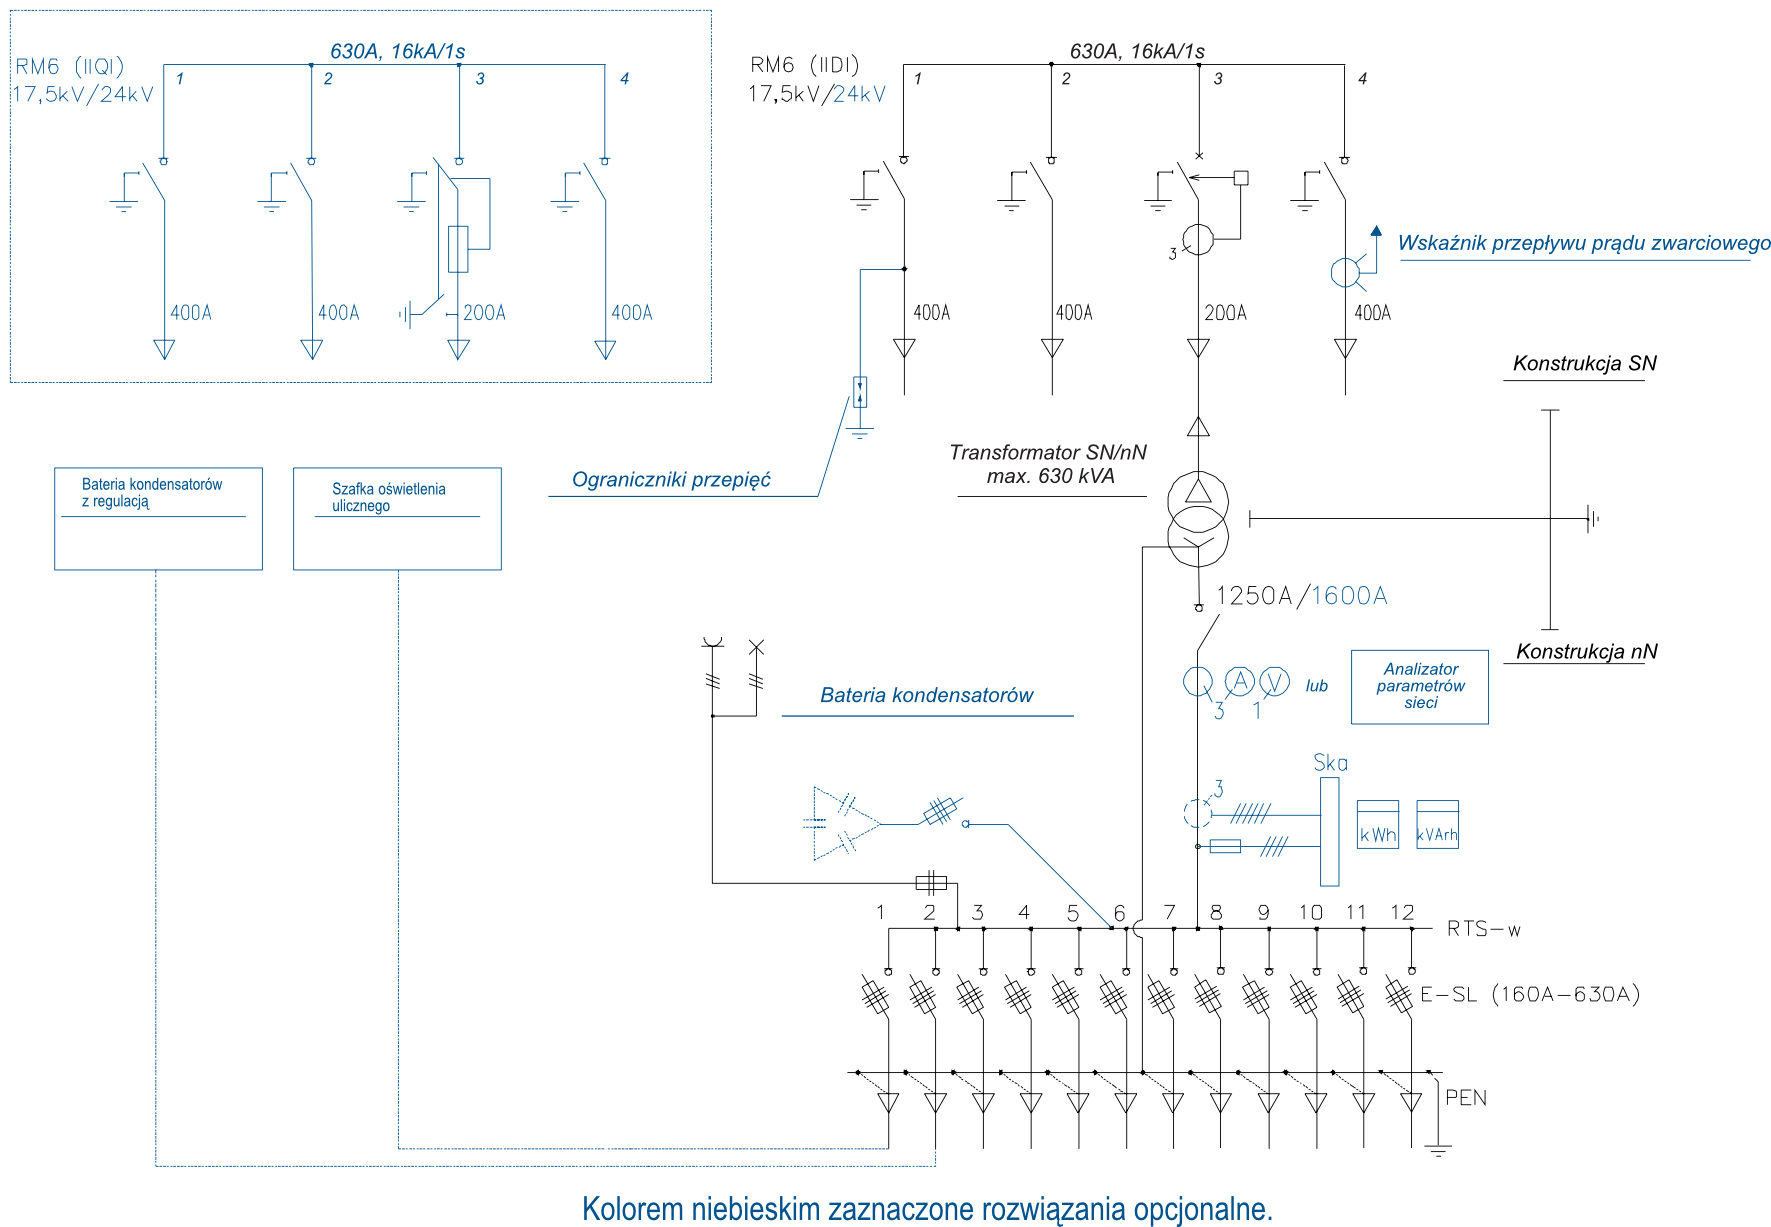 Schemat stacji transformatorowej BEK 250/420